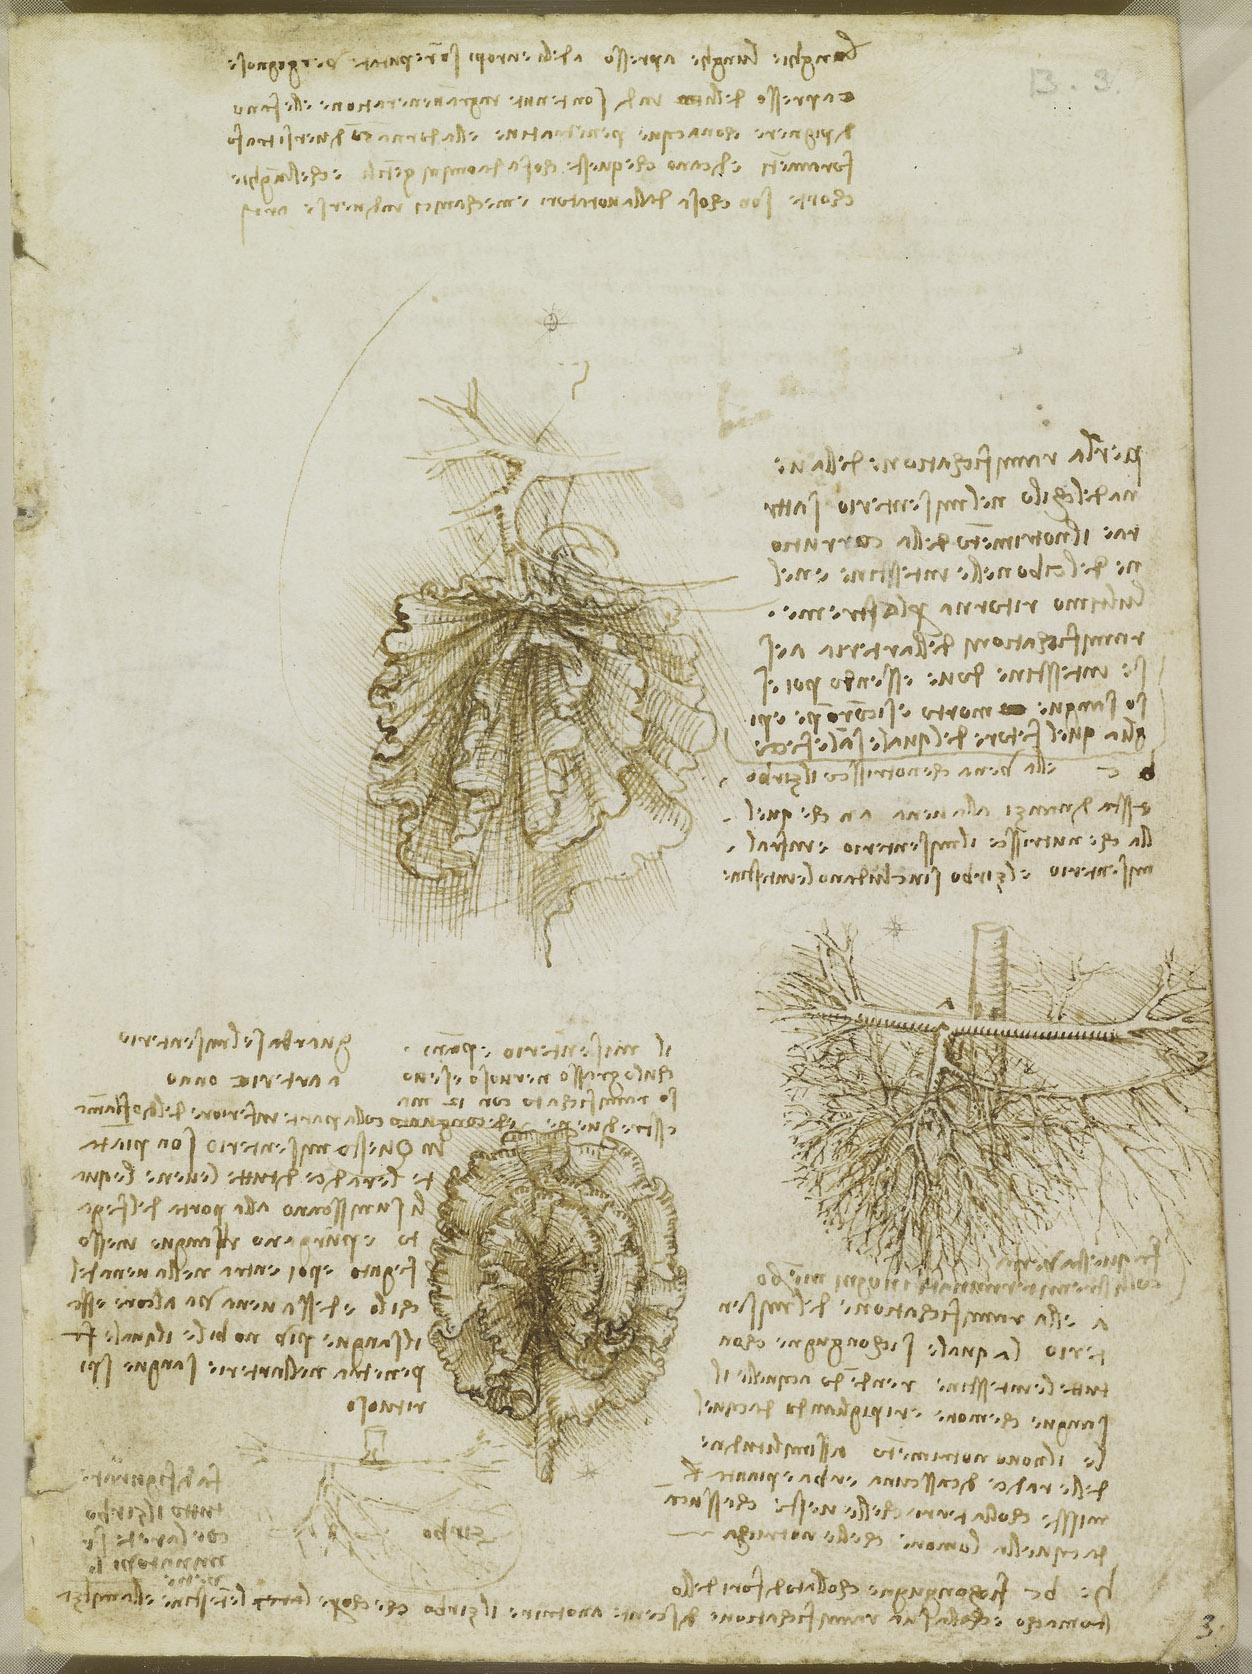 達文西筆記:腸繫膜、腸子和其血液供應(圖/royalcollection.org)